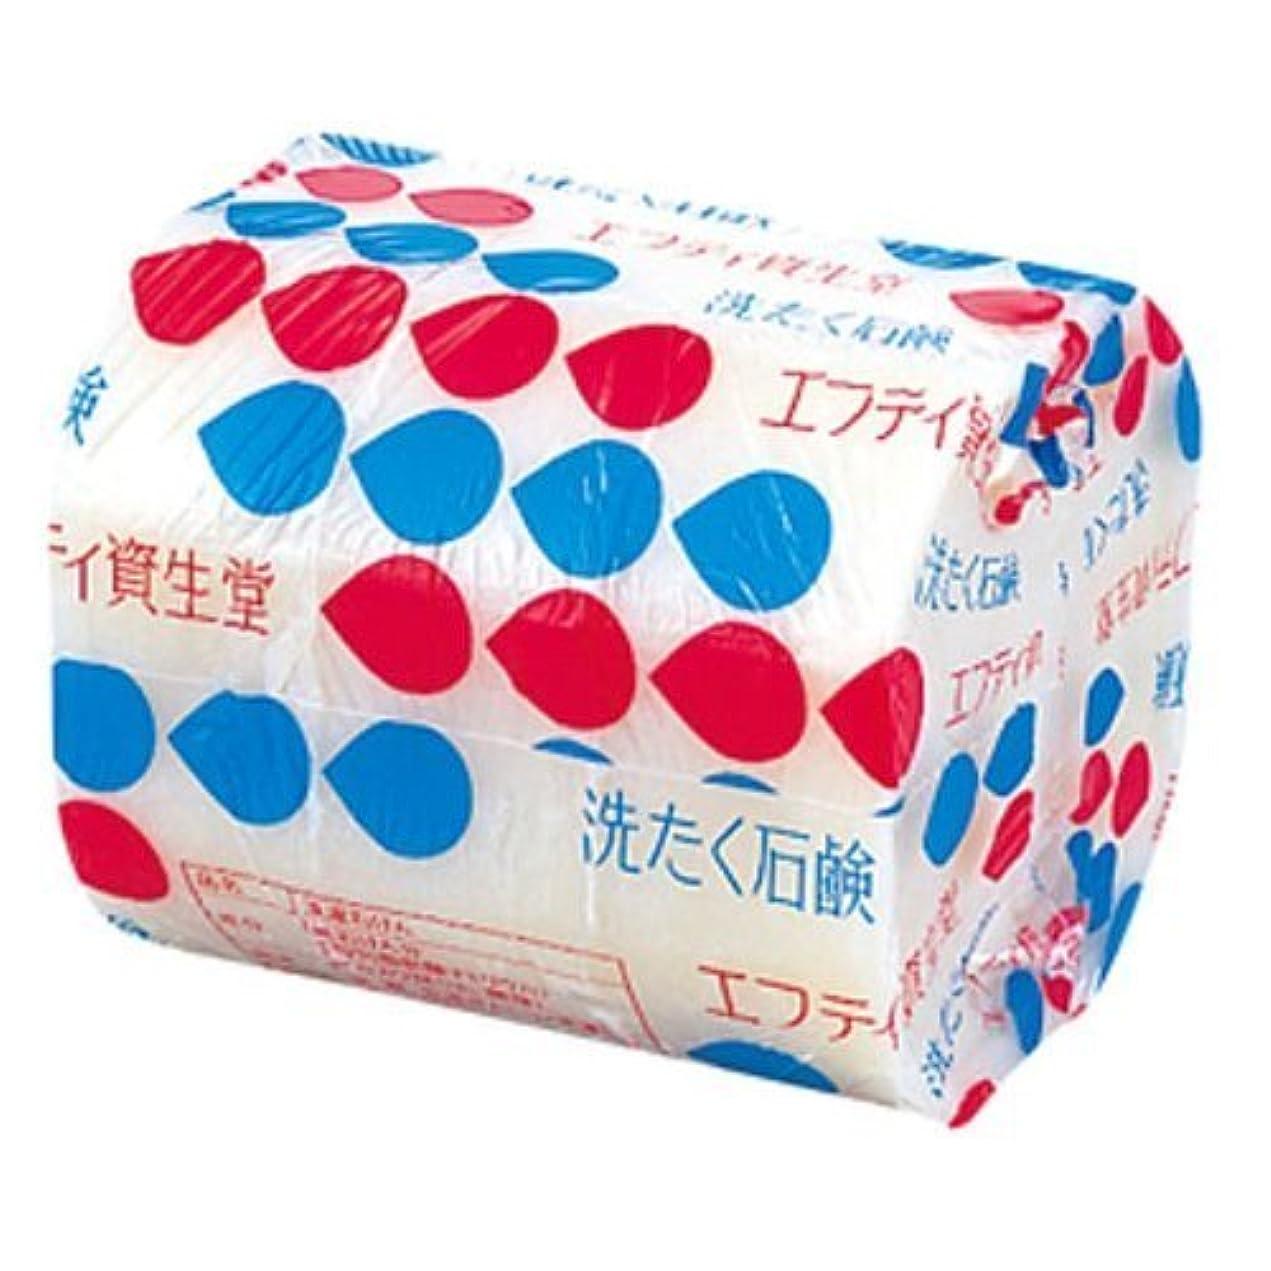 言語学拡大する昆虫【資生堂】エフティ資生堂洗たく石鹸花椿型3コパック200g